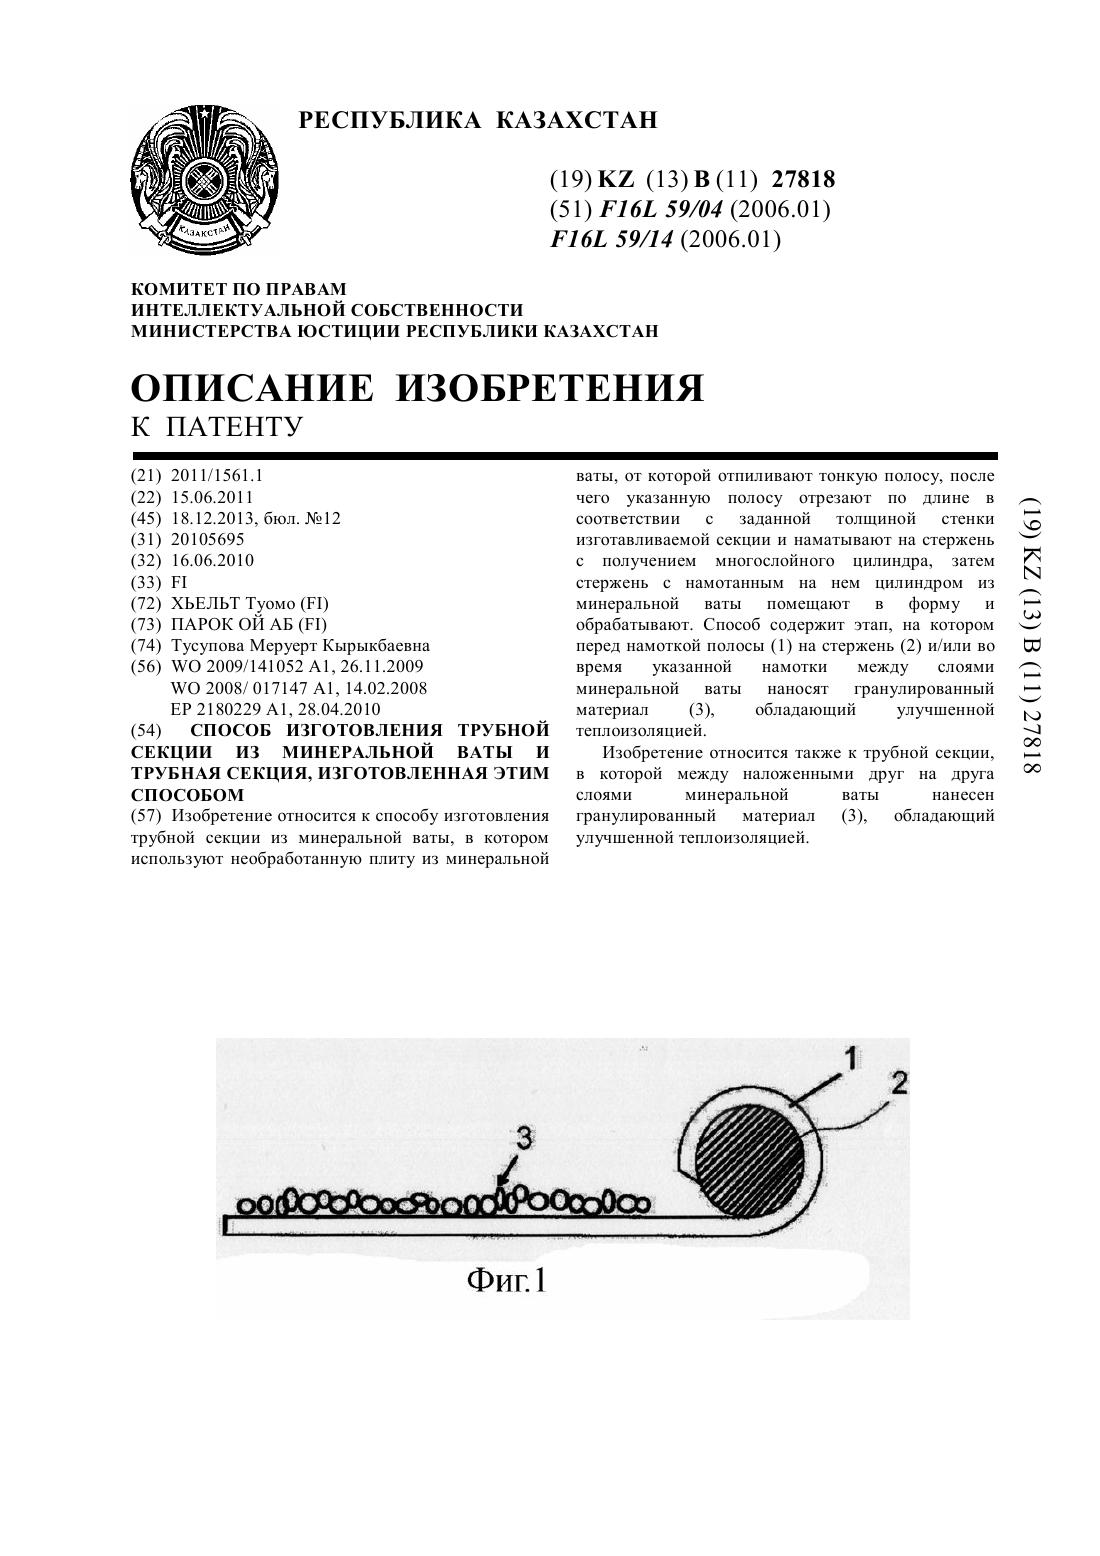 Производства минеральной ваты реферат